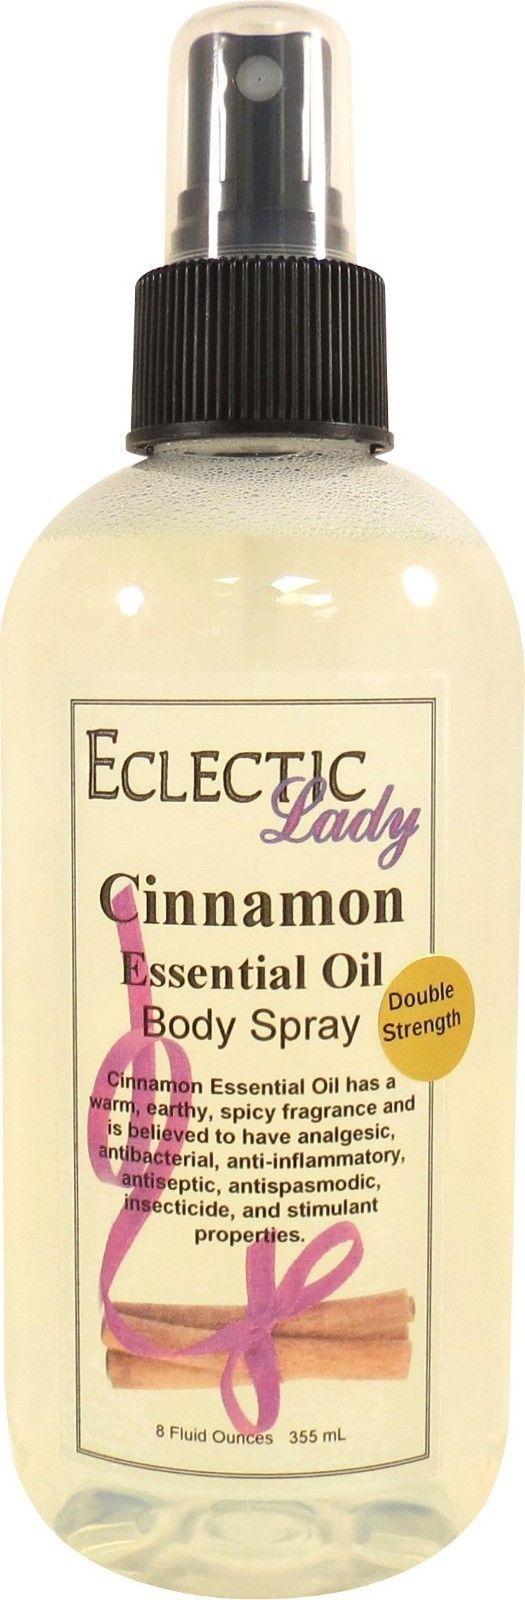 Cinnamon Essential Oil Body Spray